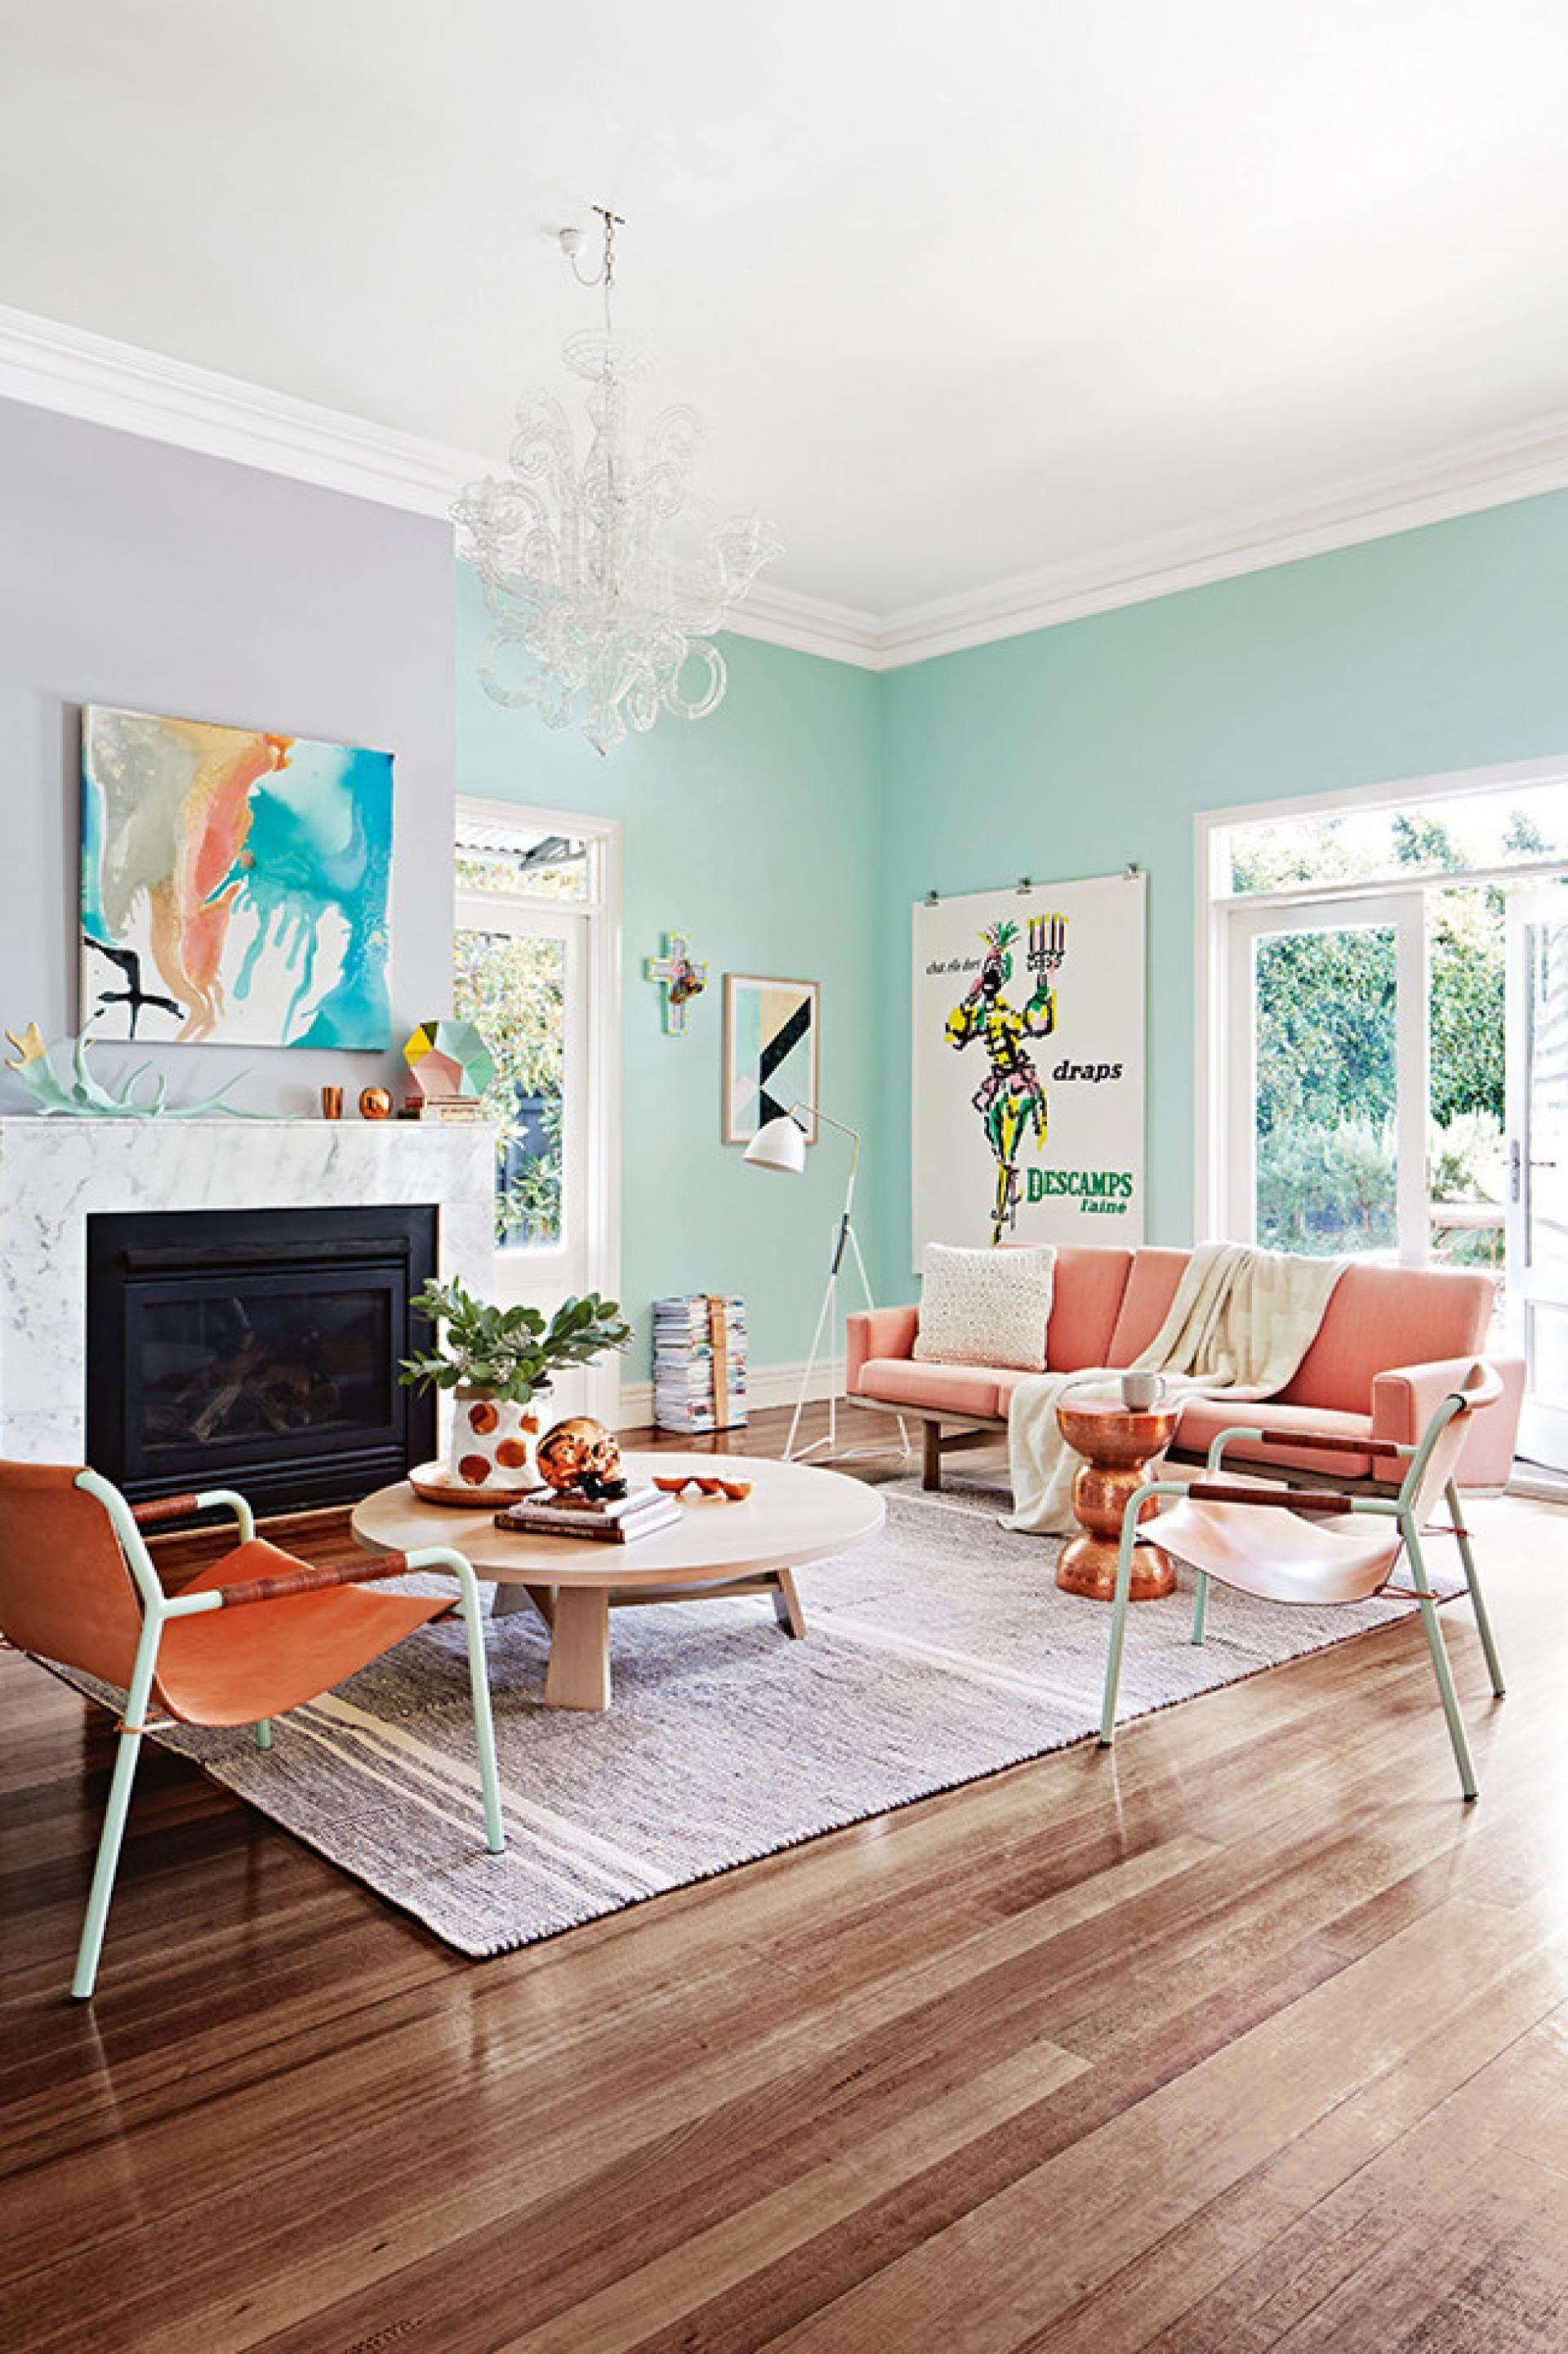 Gut 38+ Farbe Deko Ideen Für Wohnzimmer   Eine Einfache Idee, Die Geben Ein  Völlig